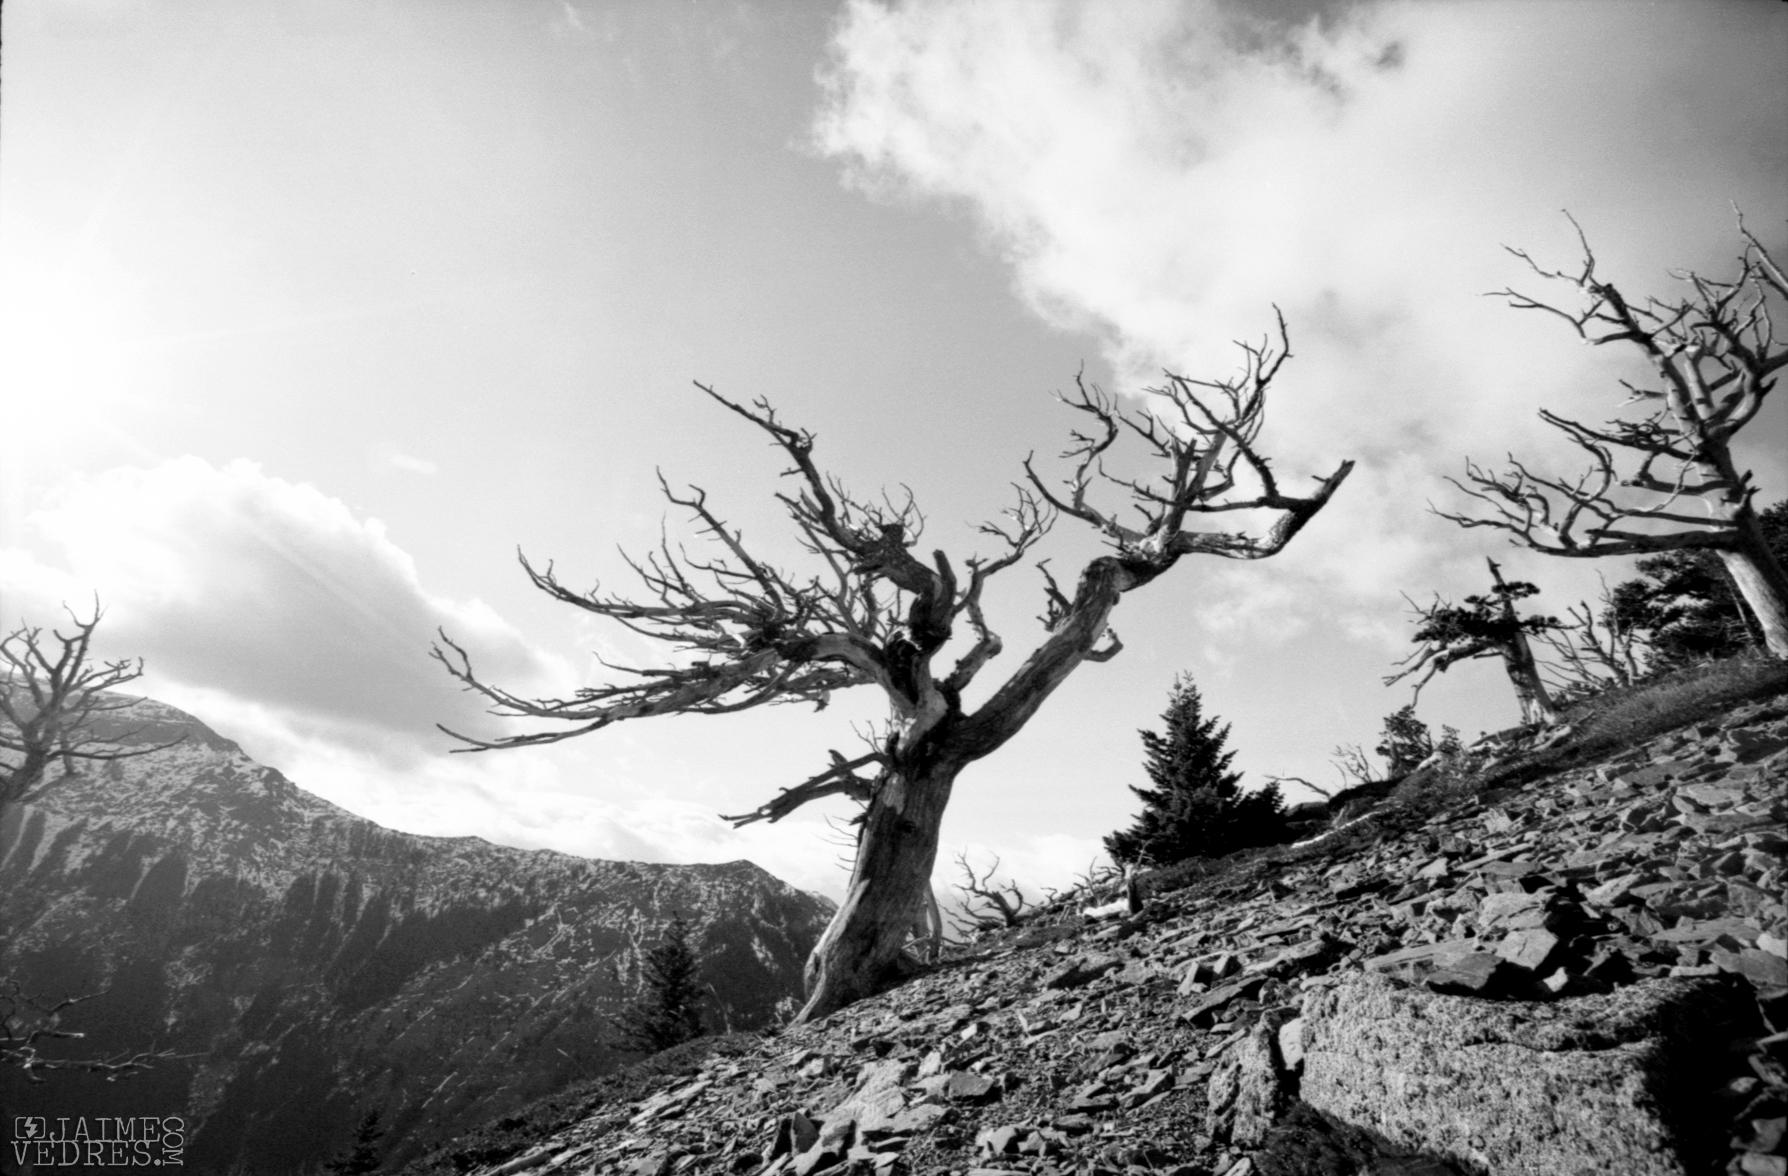 Tree at Daily Photo Dose